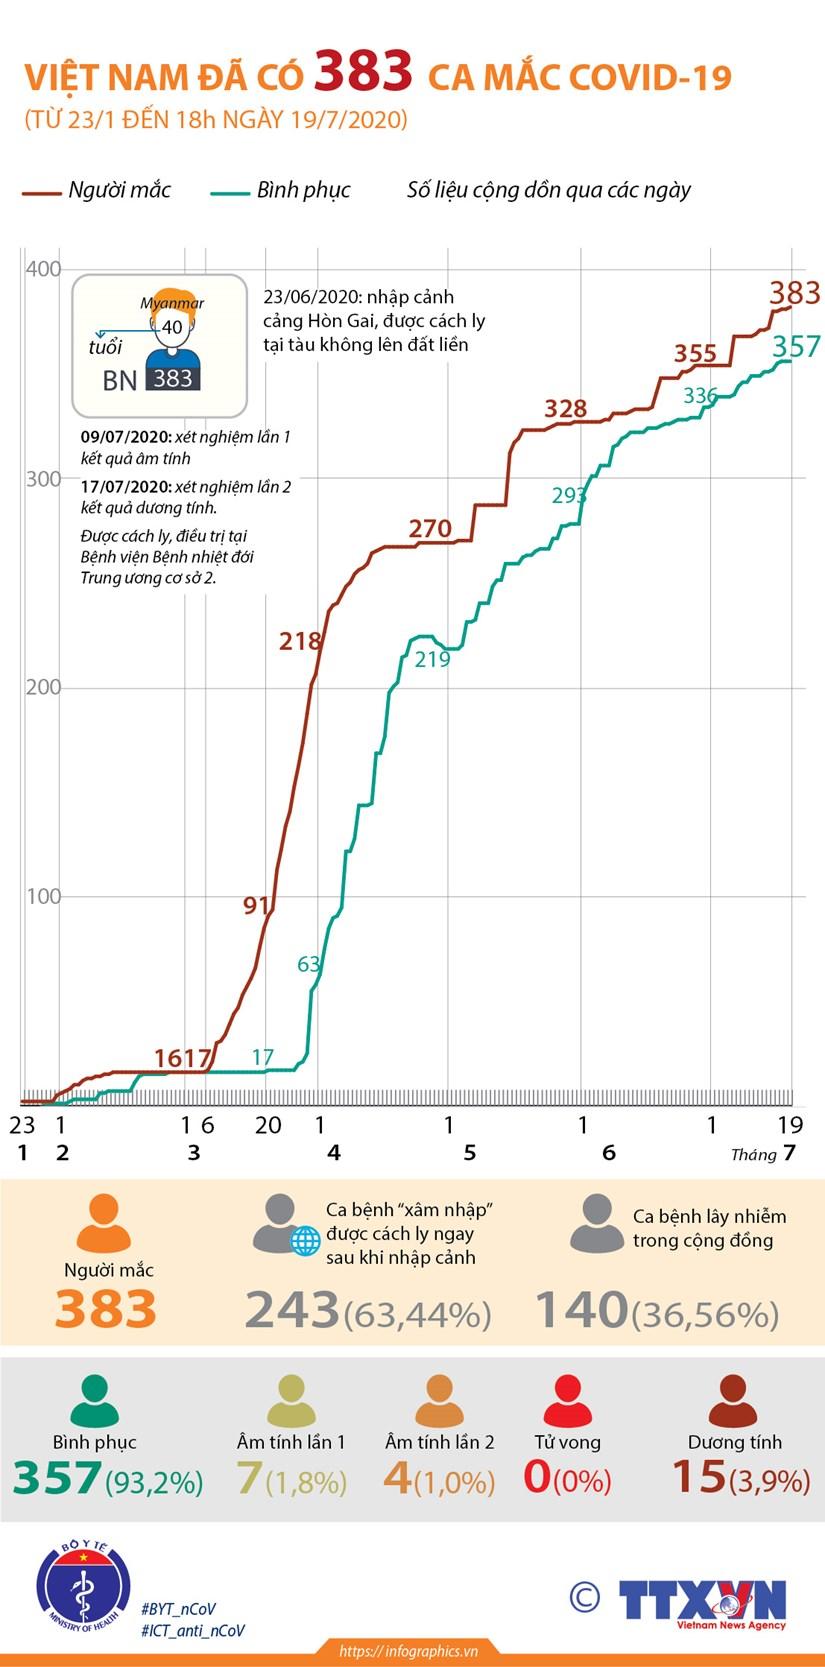 [Infographics] Viet Nam ghi nhan 383 ca mac benh COVID-19 hinh anh 1